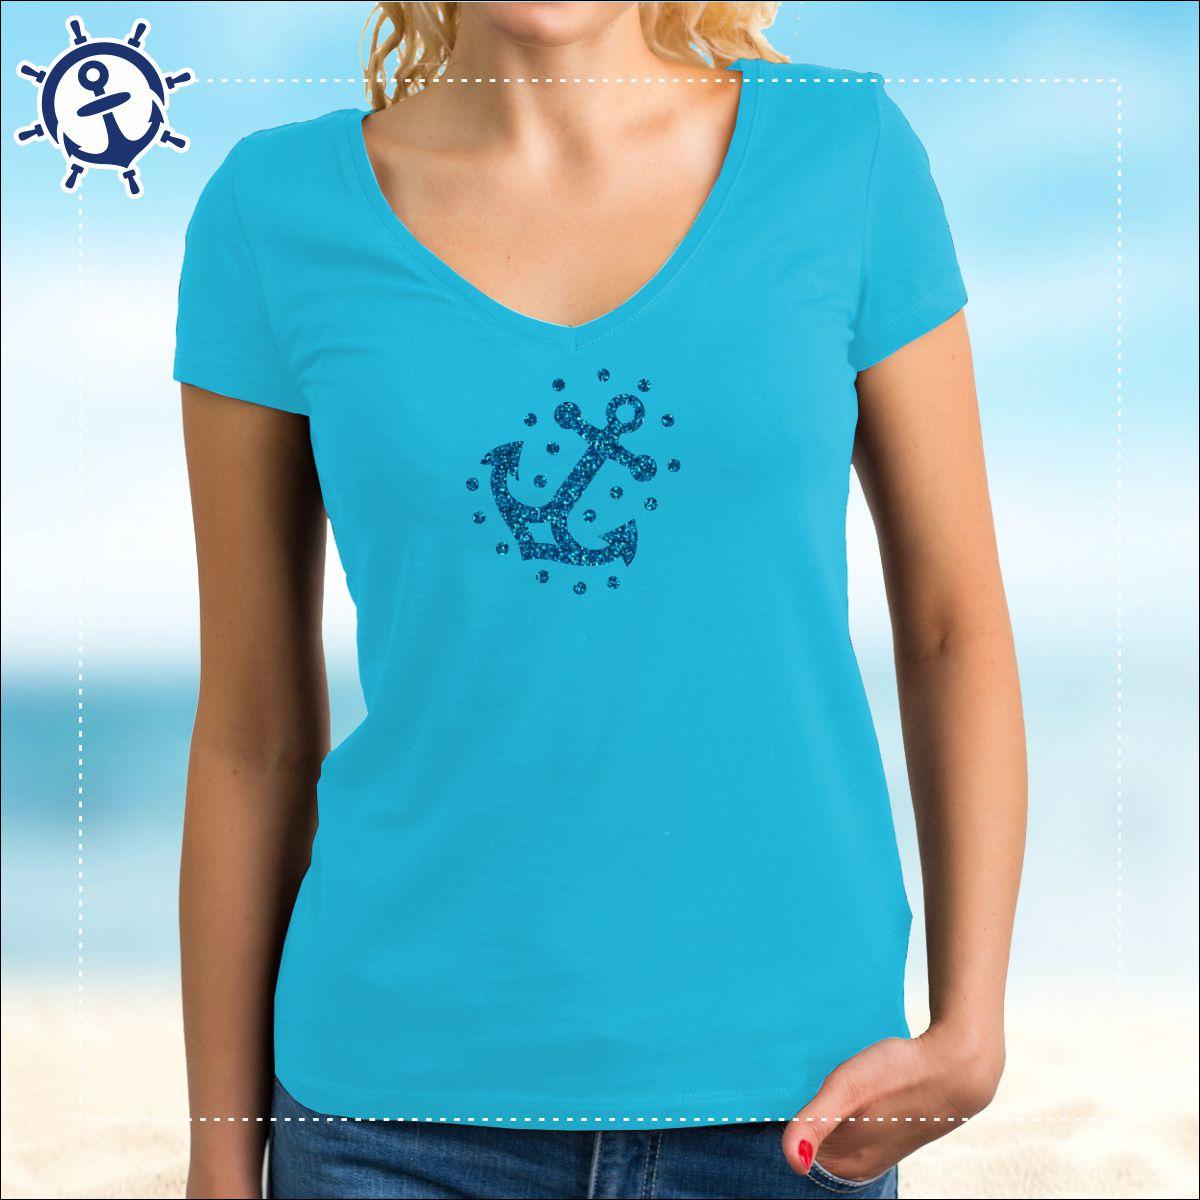 8a1cf0b1703c13 ⚓ Damenshirt mit Glitzer-Druck – strahlender Anker ⚓